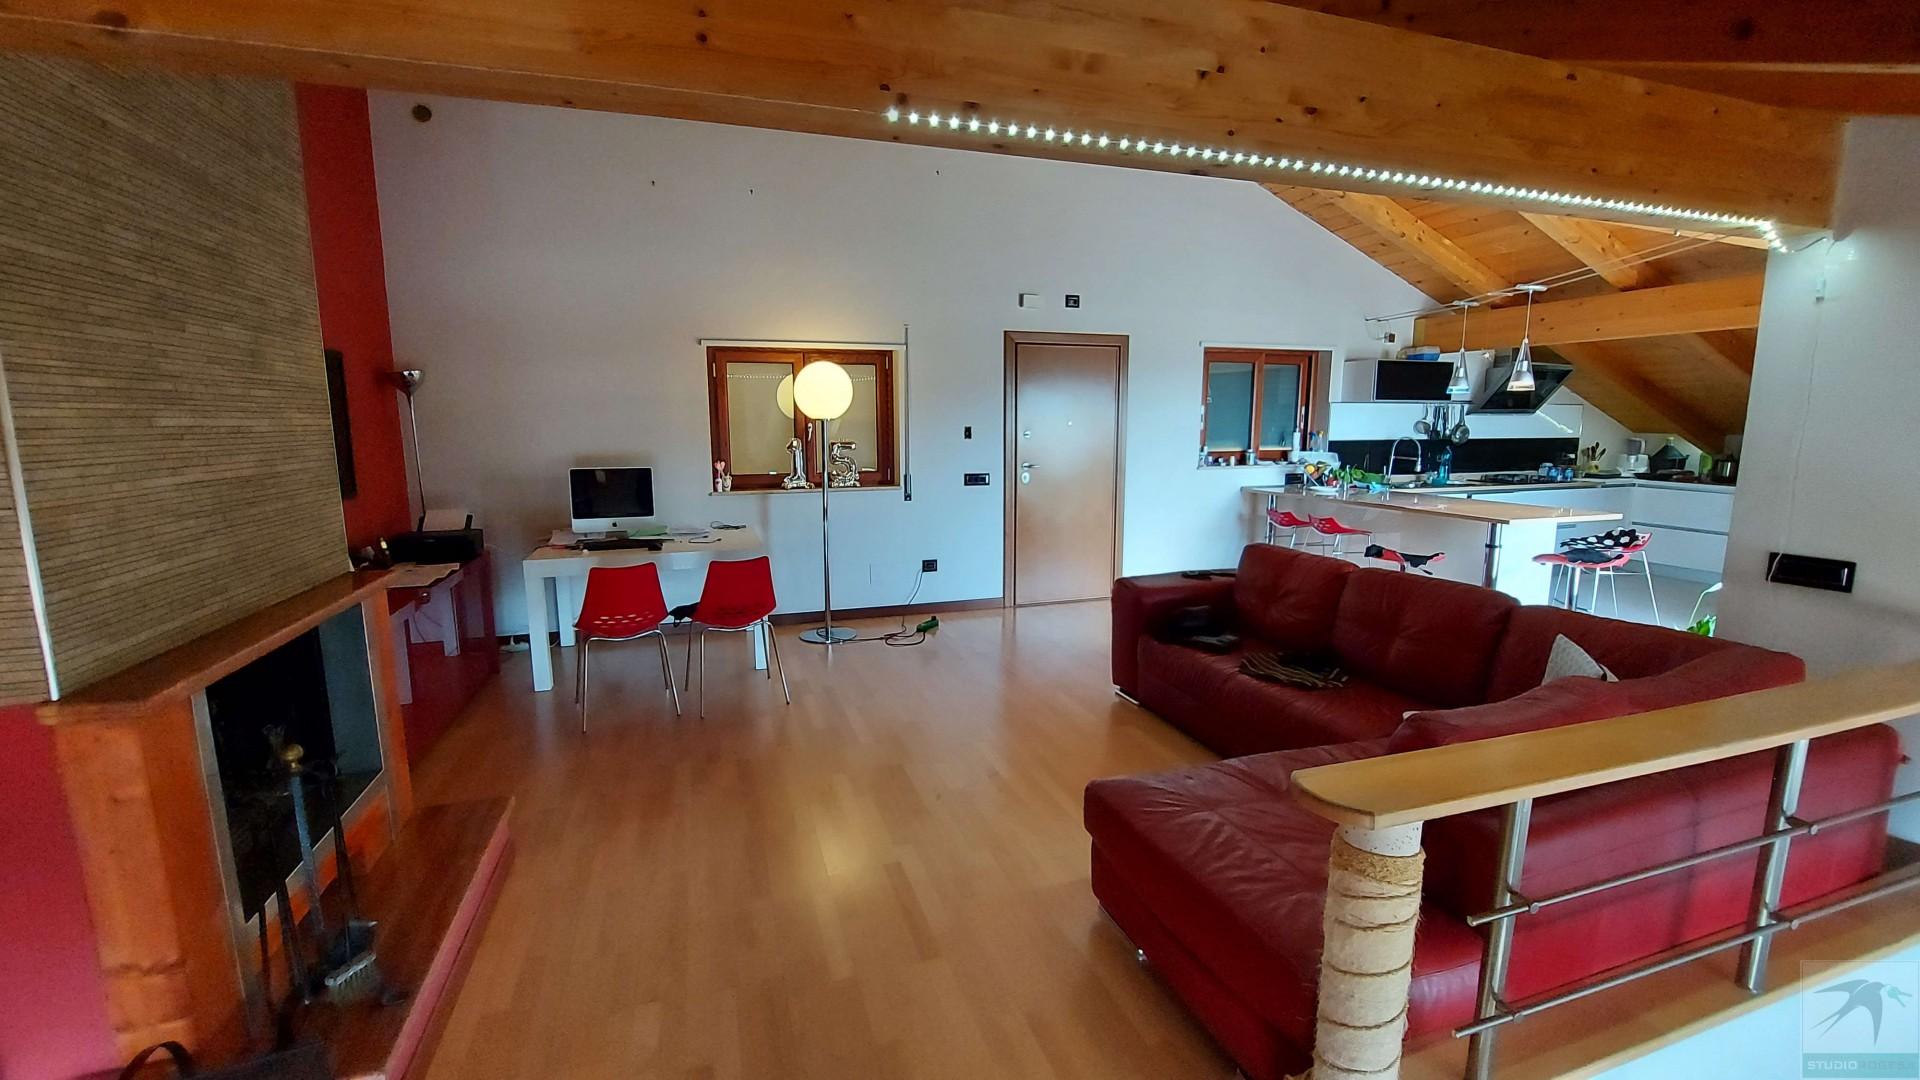 Appartamento in Vendita 174,00 mq - N. camere: 4 - - Marano - Marano Principato (CS)